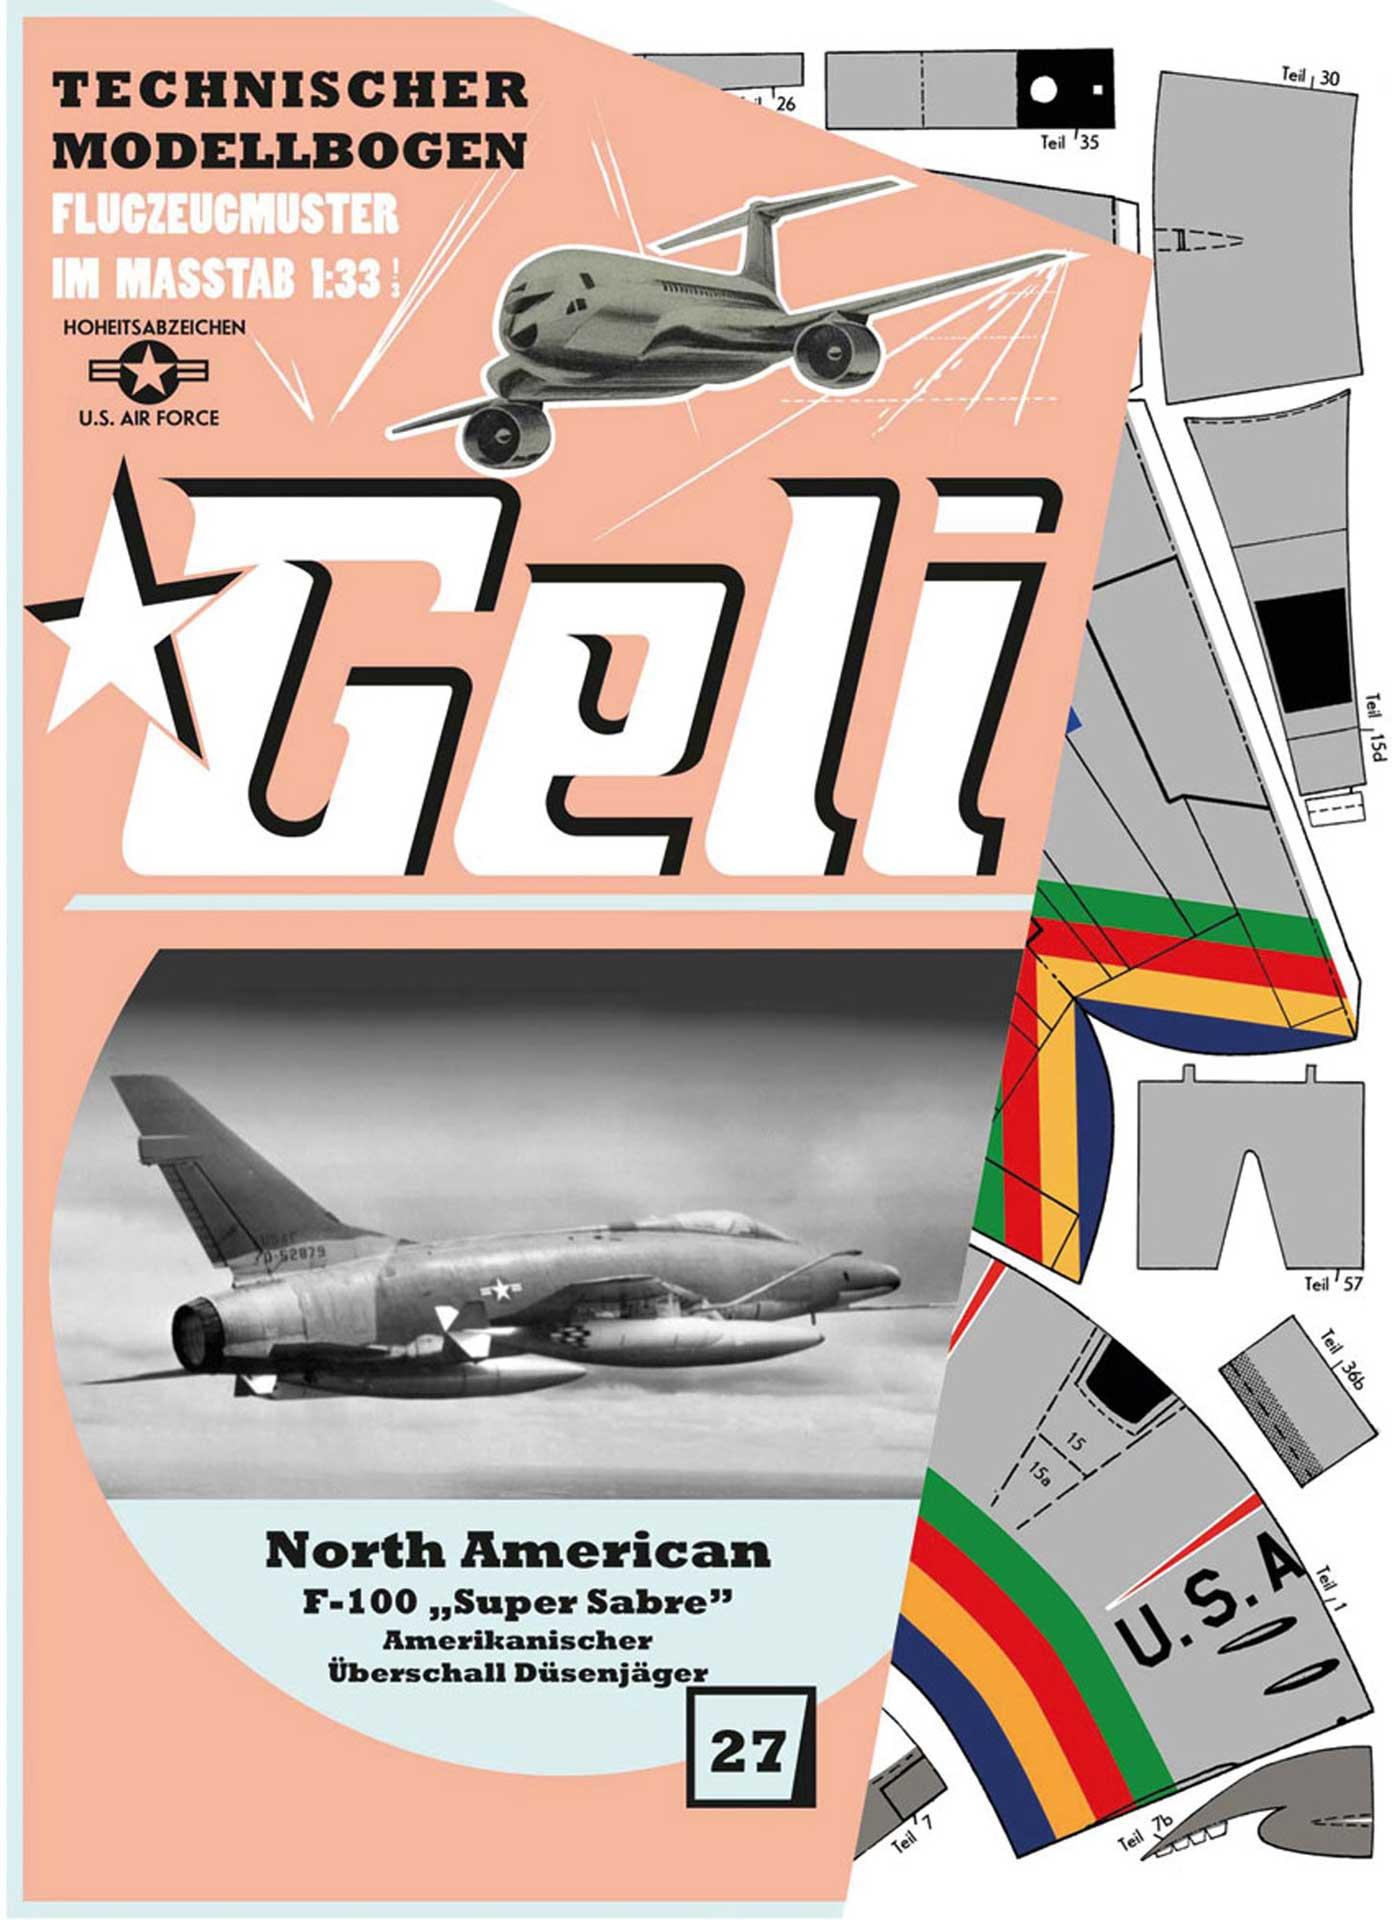 GELI F-100 Super Sabre # 27 KARTONMODELL